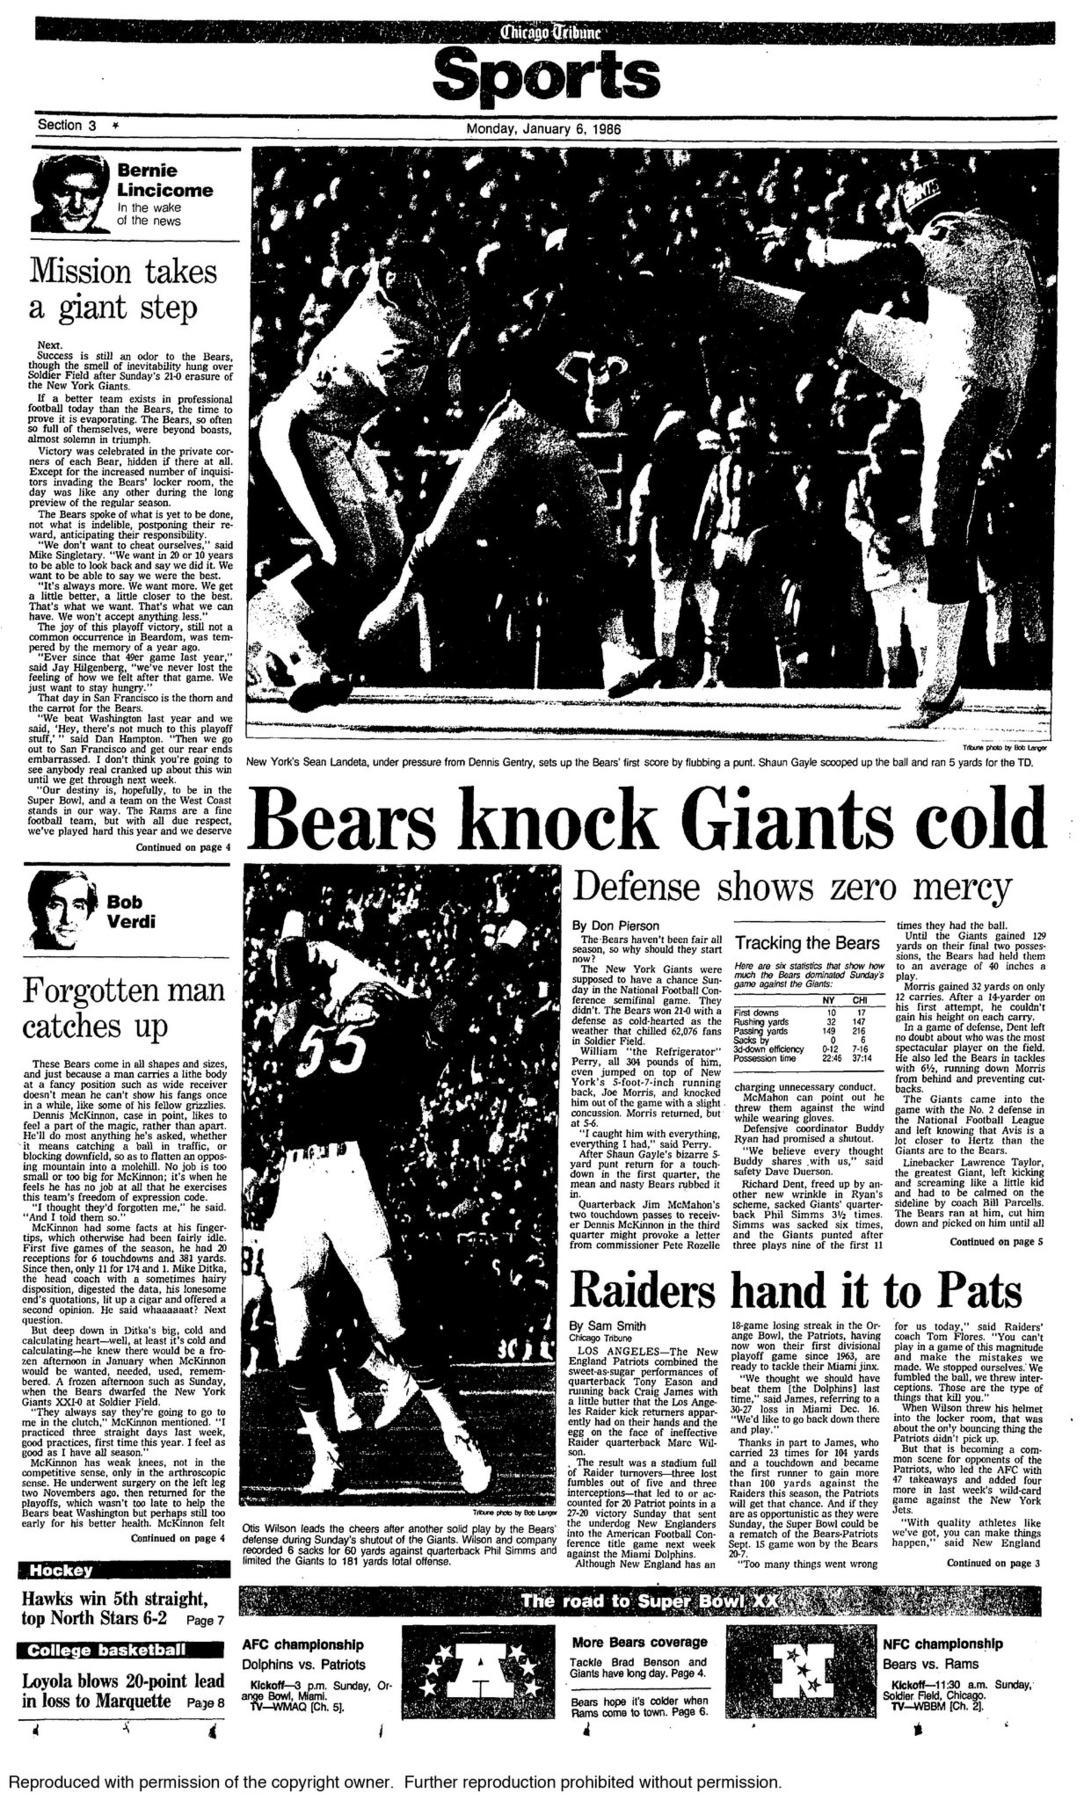 Jan. 5, 1986: Bone-chilling, crushing defense